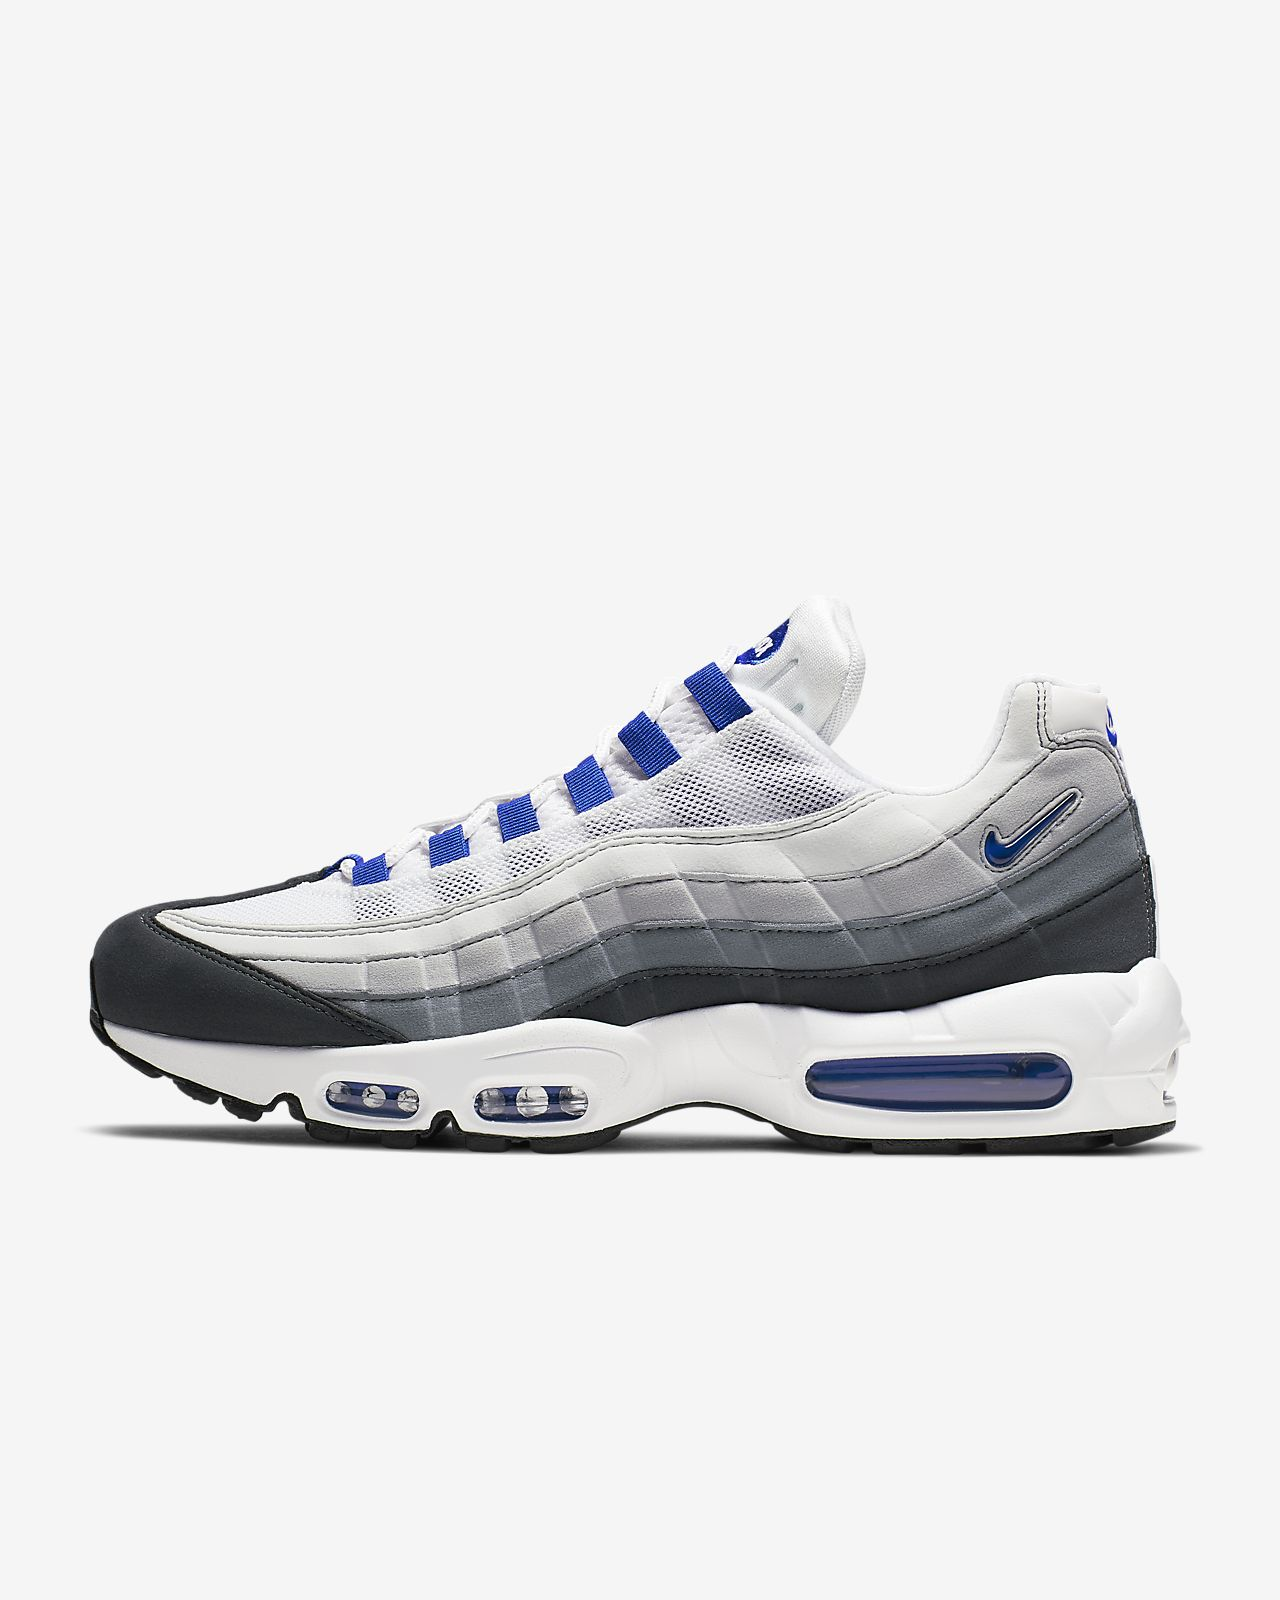 air max 95 blue white